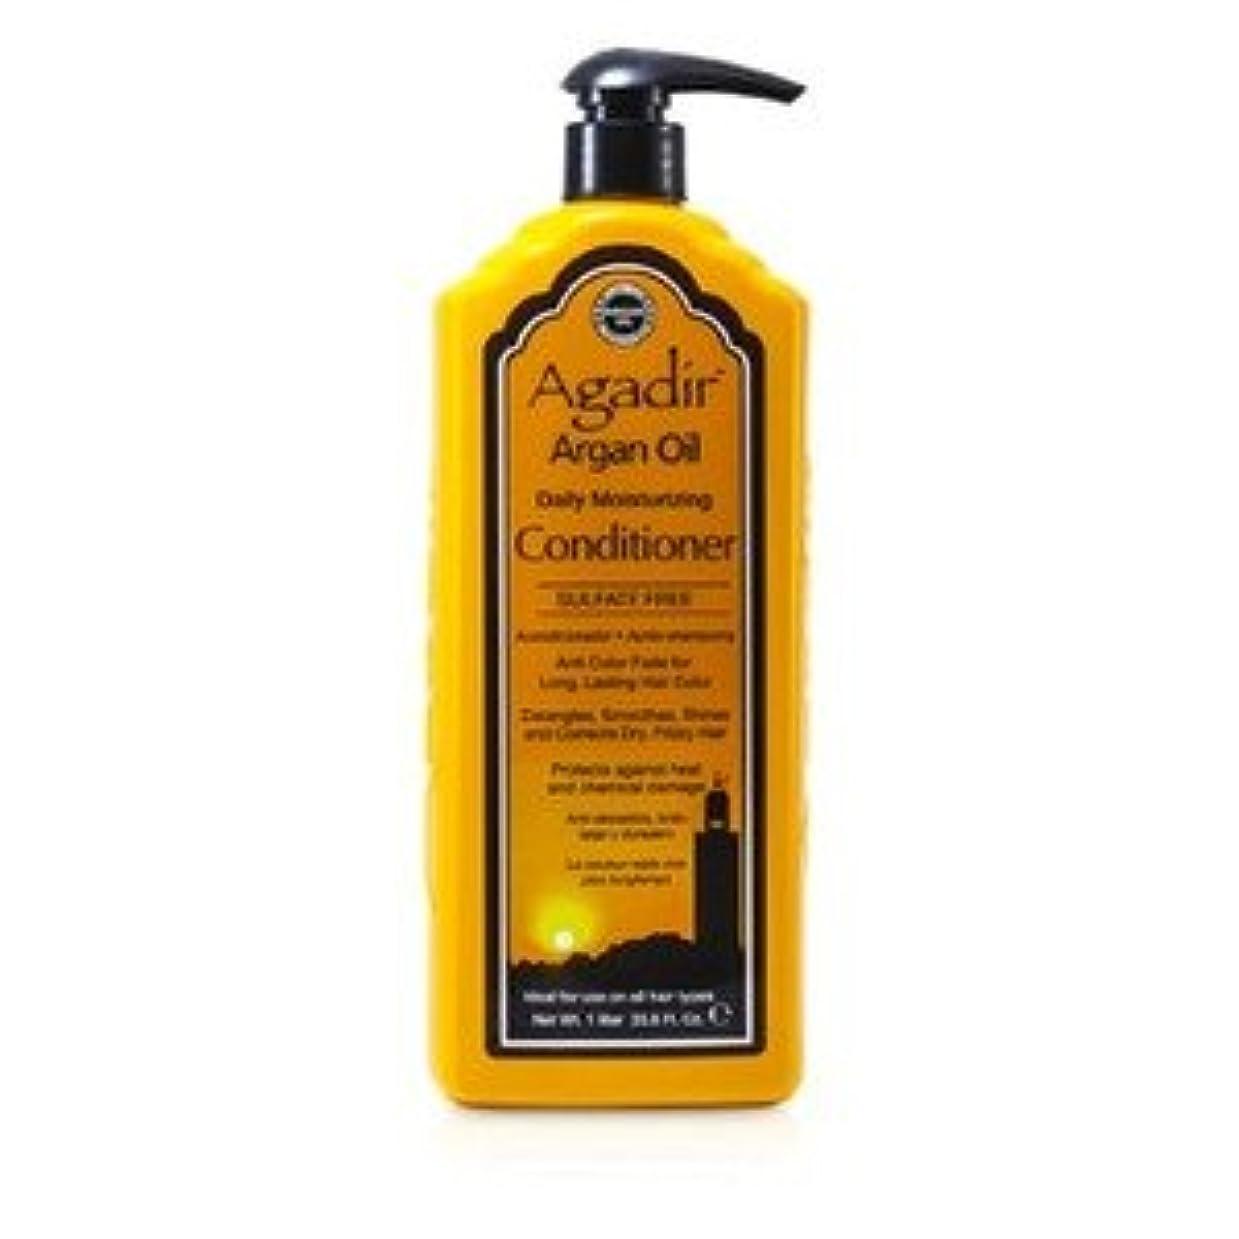 クローン認可スケジュールアガディール(Agadir) デイリー モイスチャライジング コンディショナー(全ての髪質へ) 1000ml/33.8oz [並行輸入品]